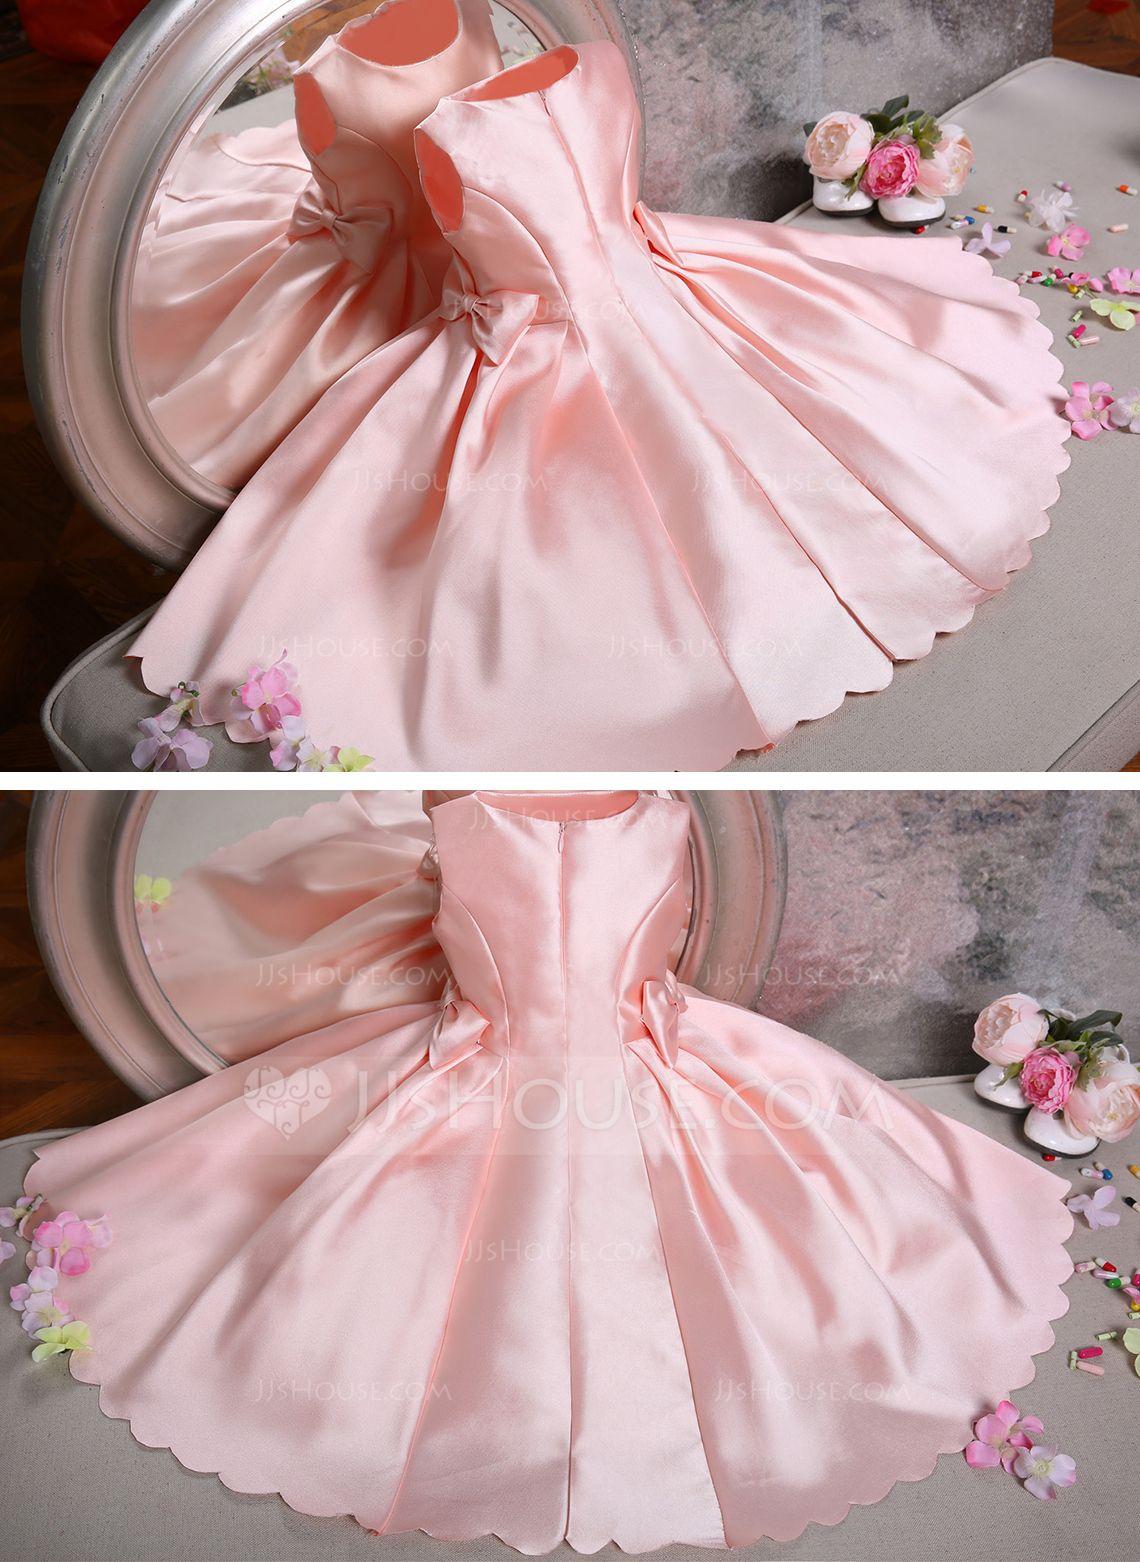 Pin de +1 778-387-7260 en dresses | Pinterest | Vestidos de niñas ...